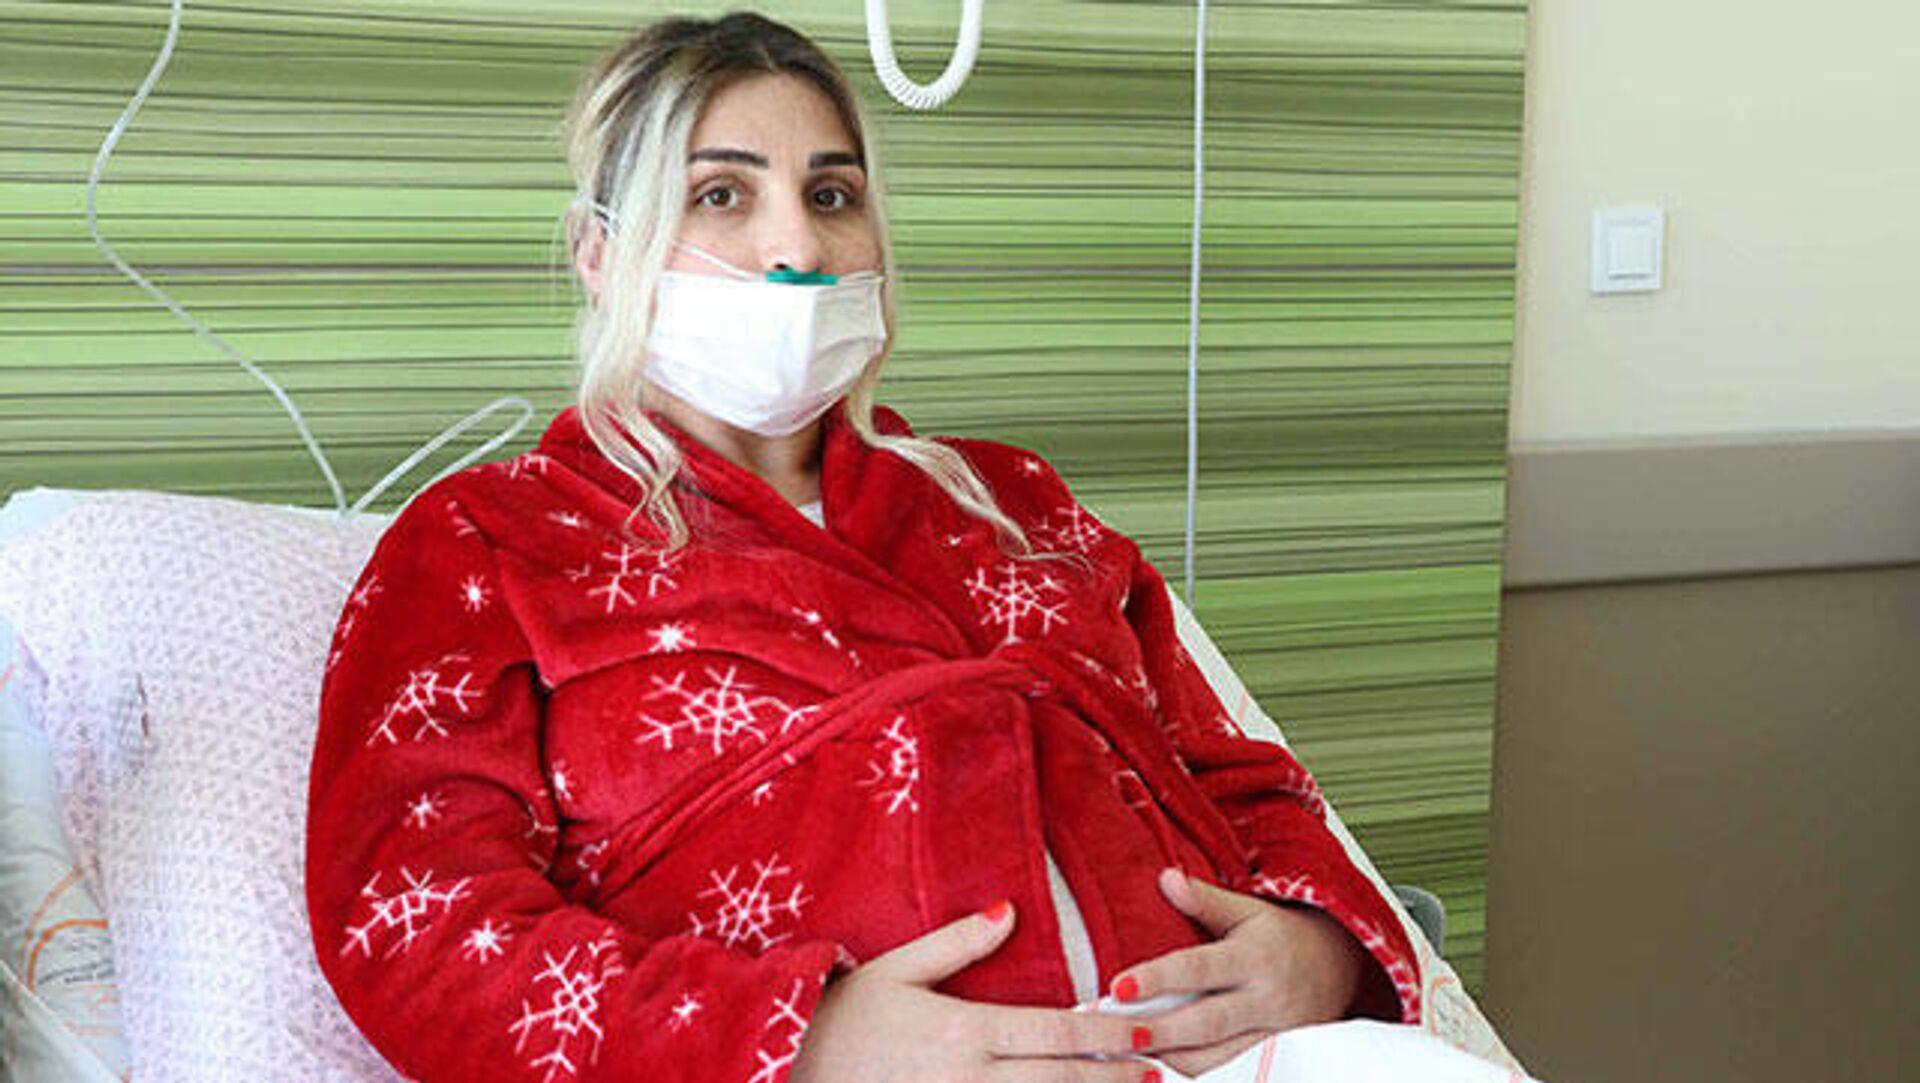 Koronavirüse yakalanan hamile kadın: Keşke bütün doz aşılarımı yaptırsaydım - Sputnik Türkiye, 1920, 26.09.2021